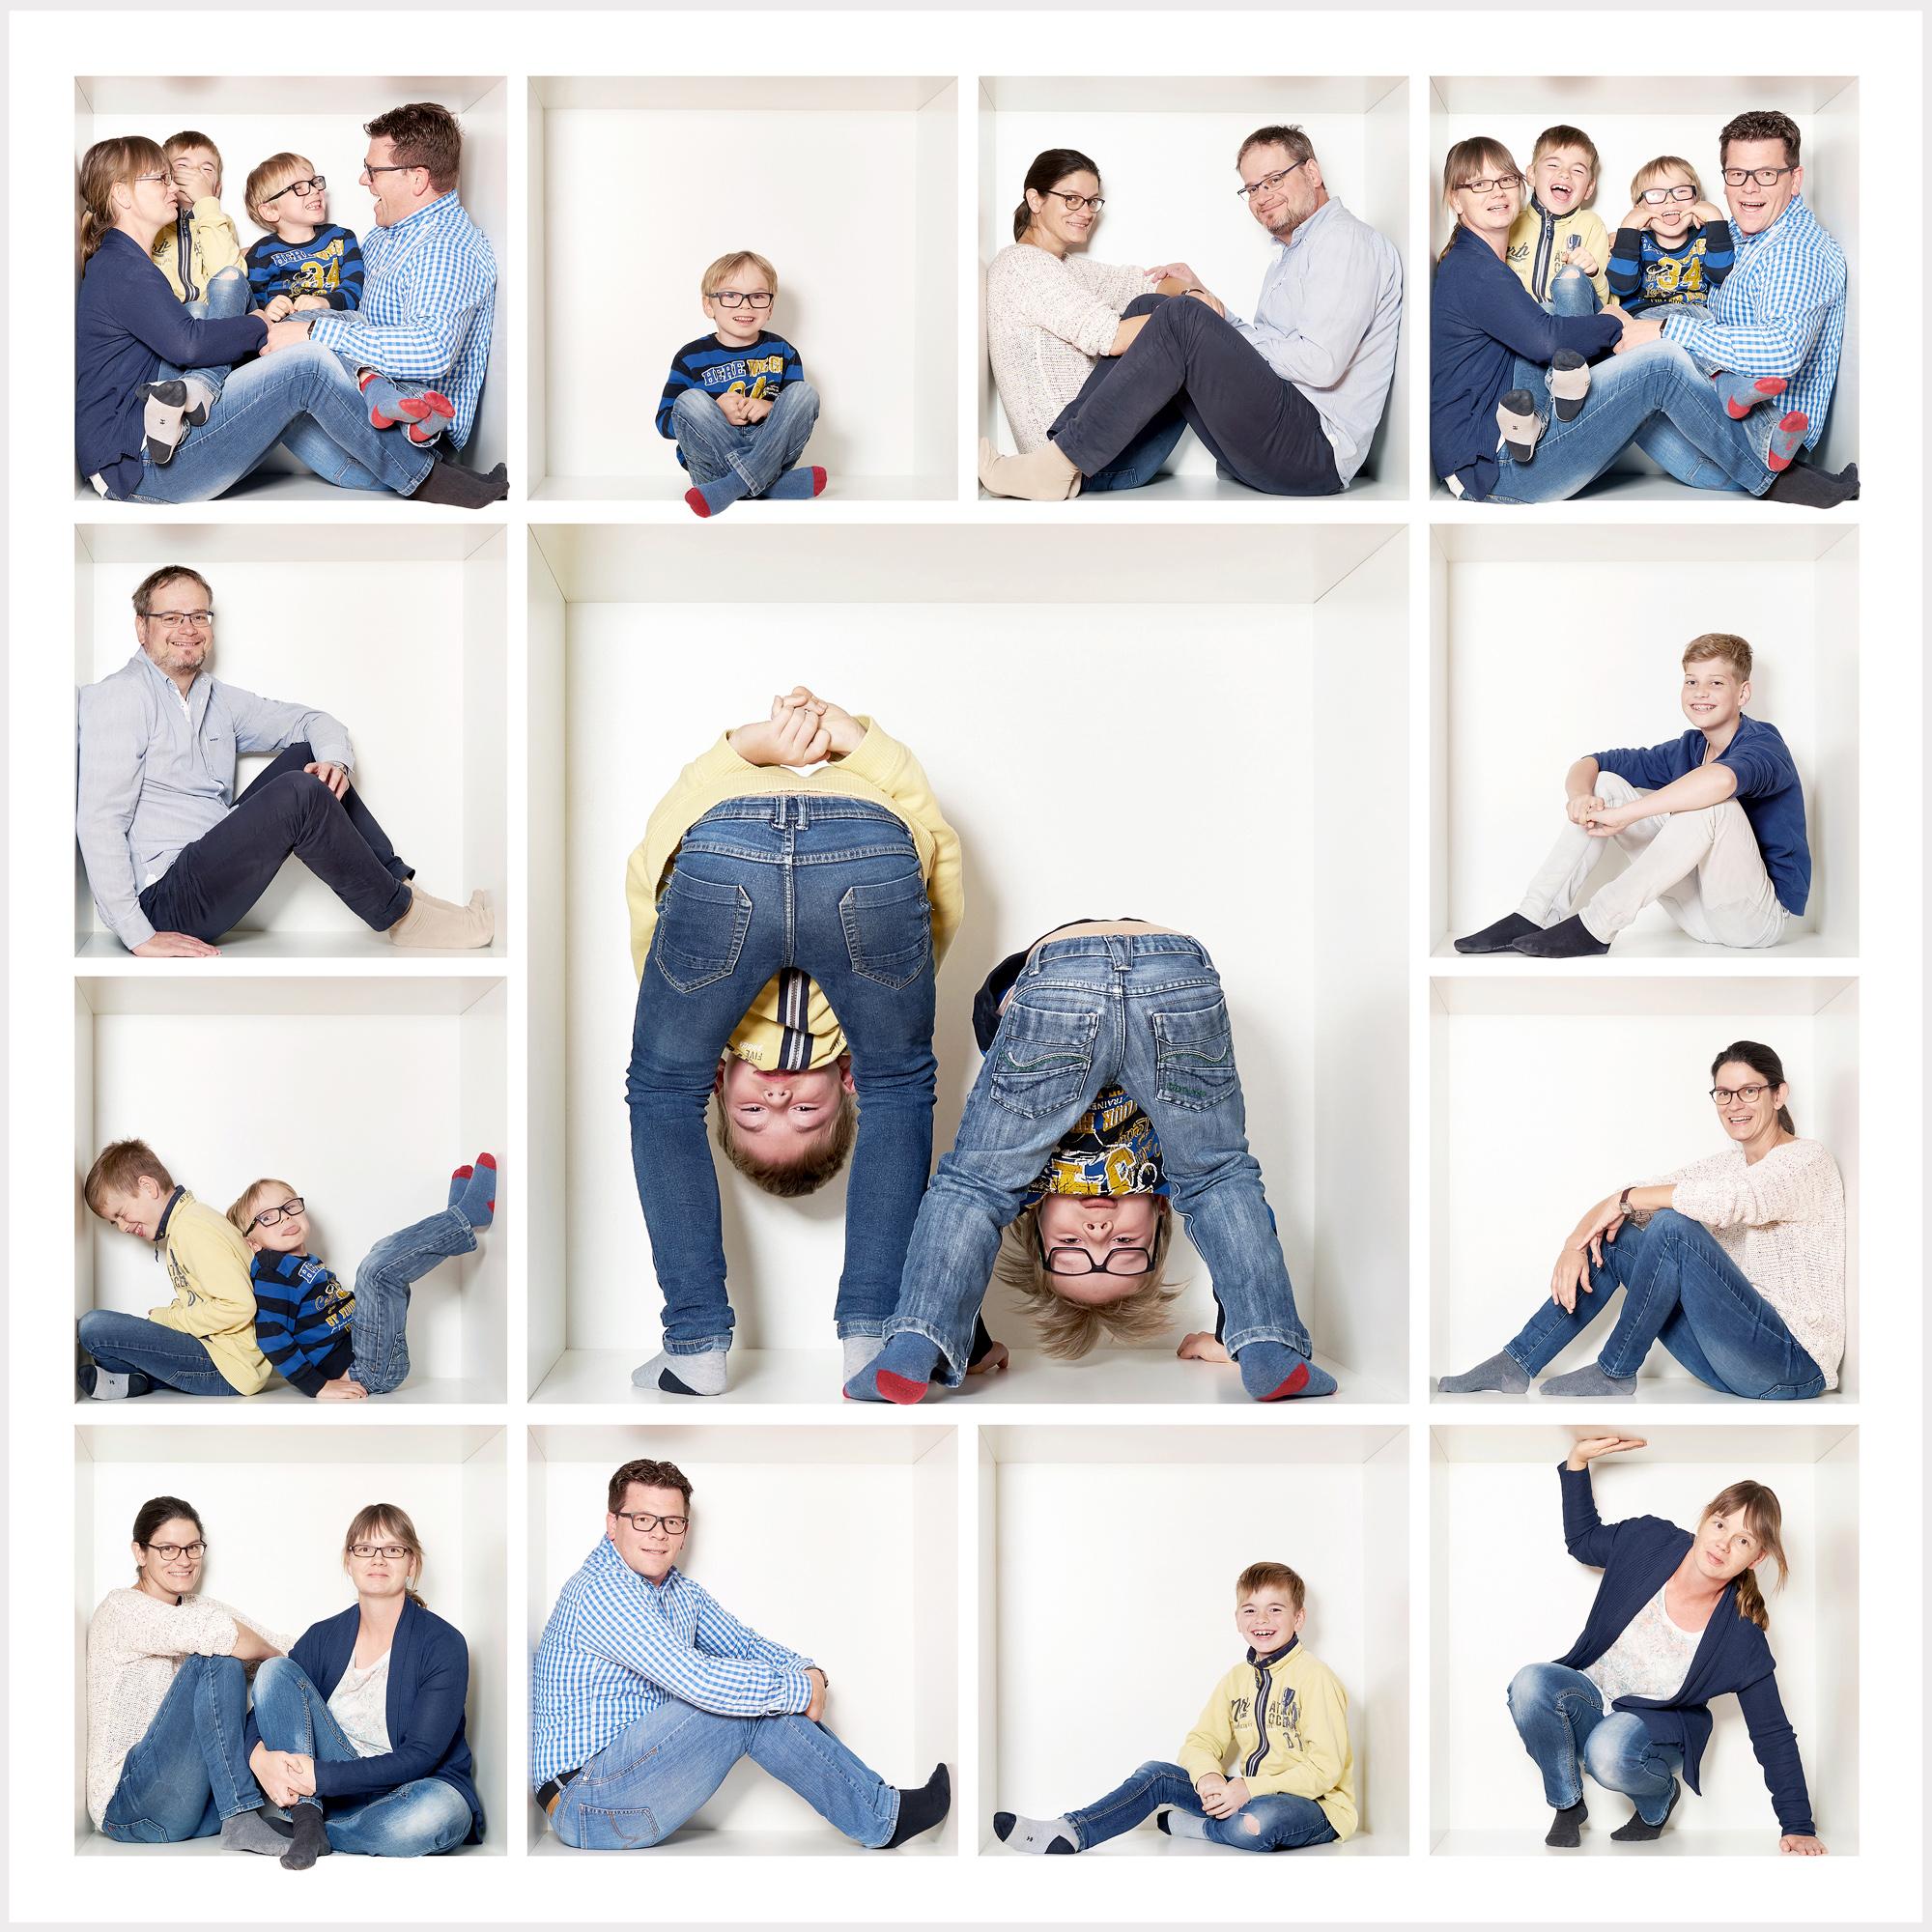 Familienfoto in der Box vier Erwachsene und zwei Kinder